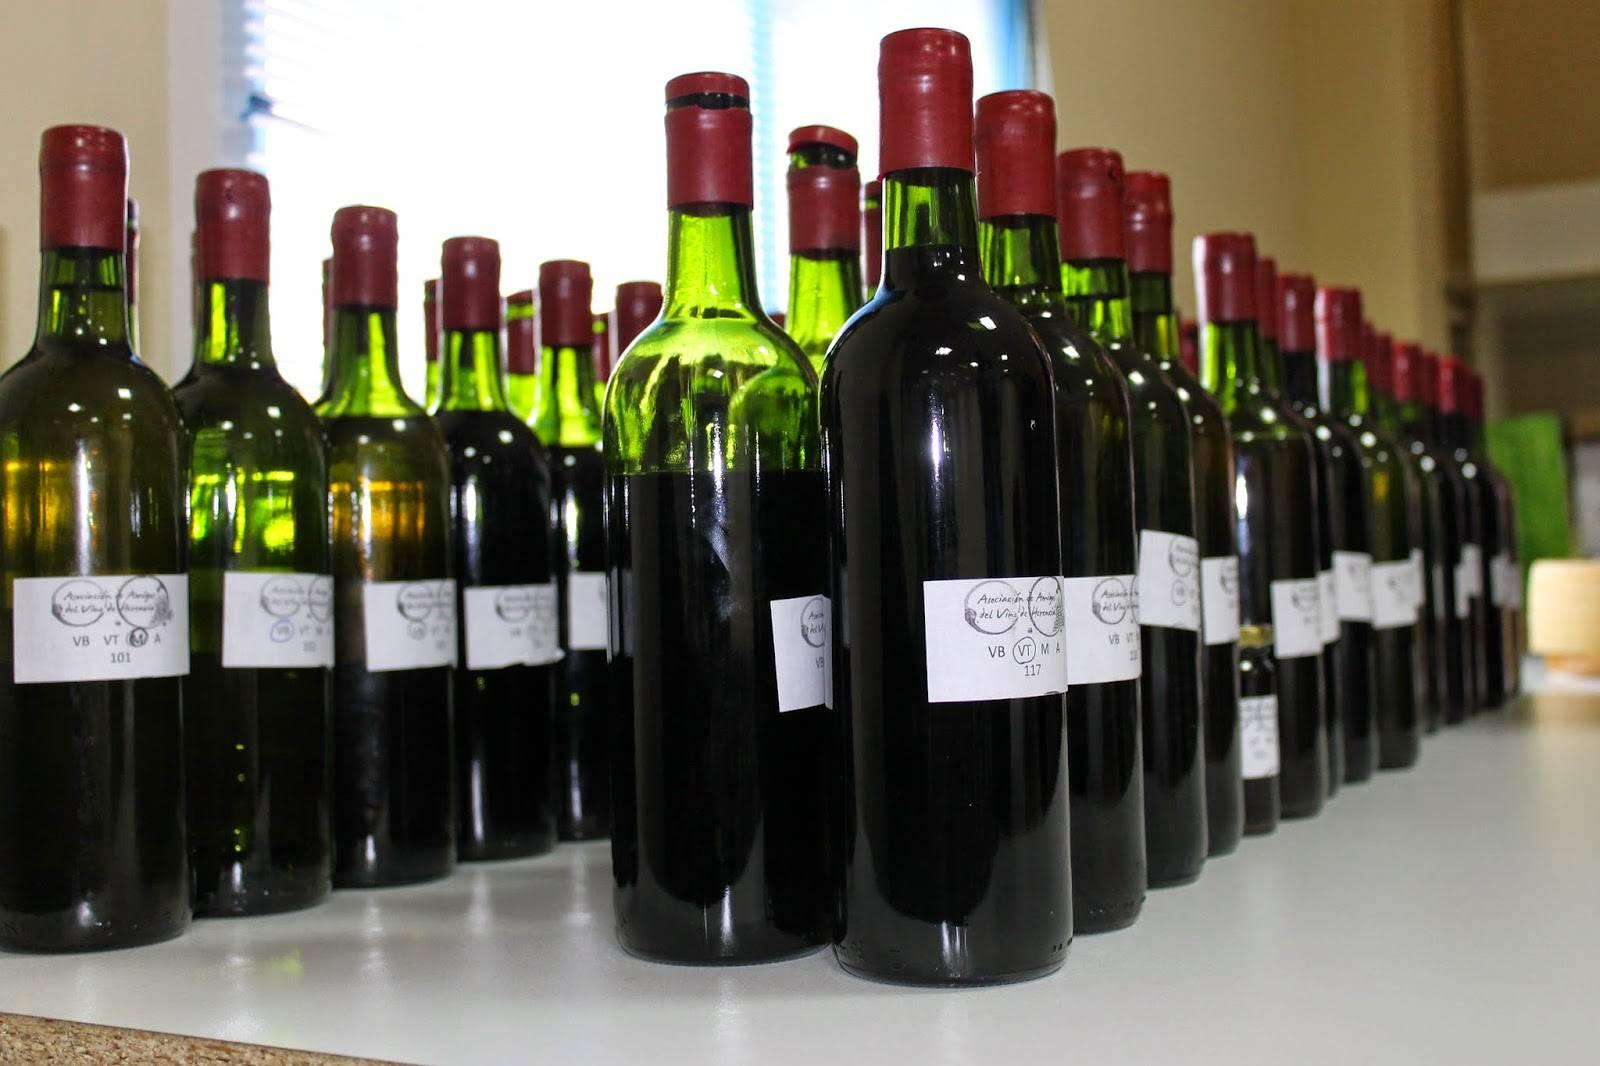 Muestras de los vinos y mistelas presentadas al concurso. Foto: Asociación de Amigos del Vino de Herencia